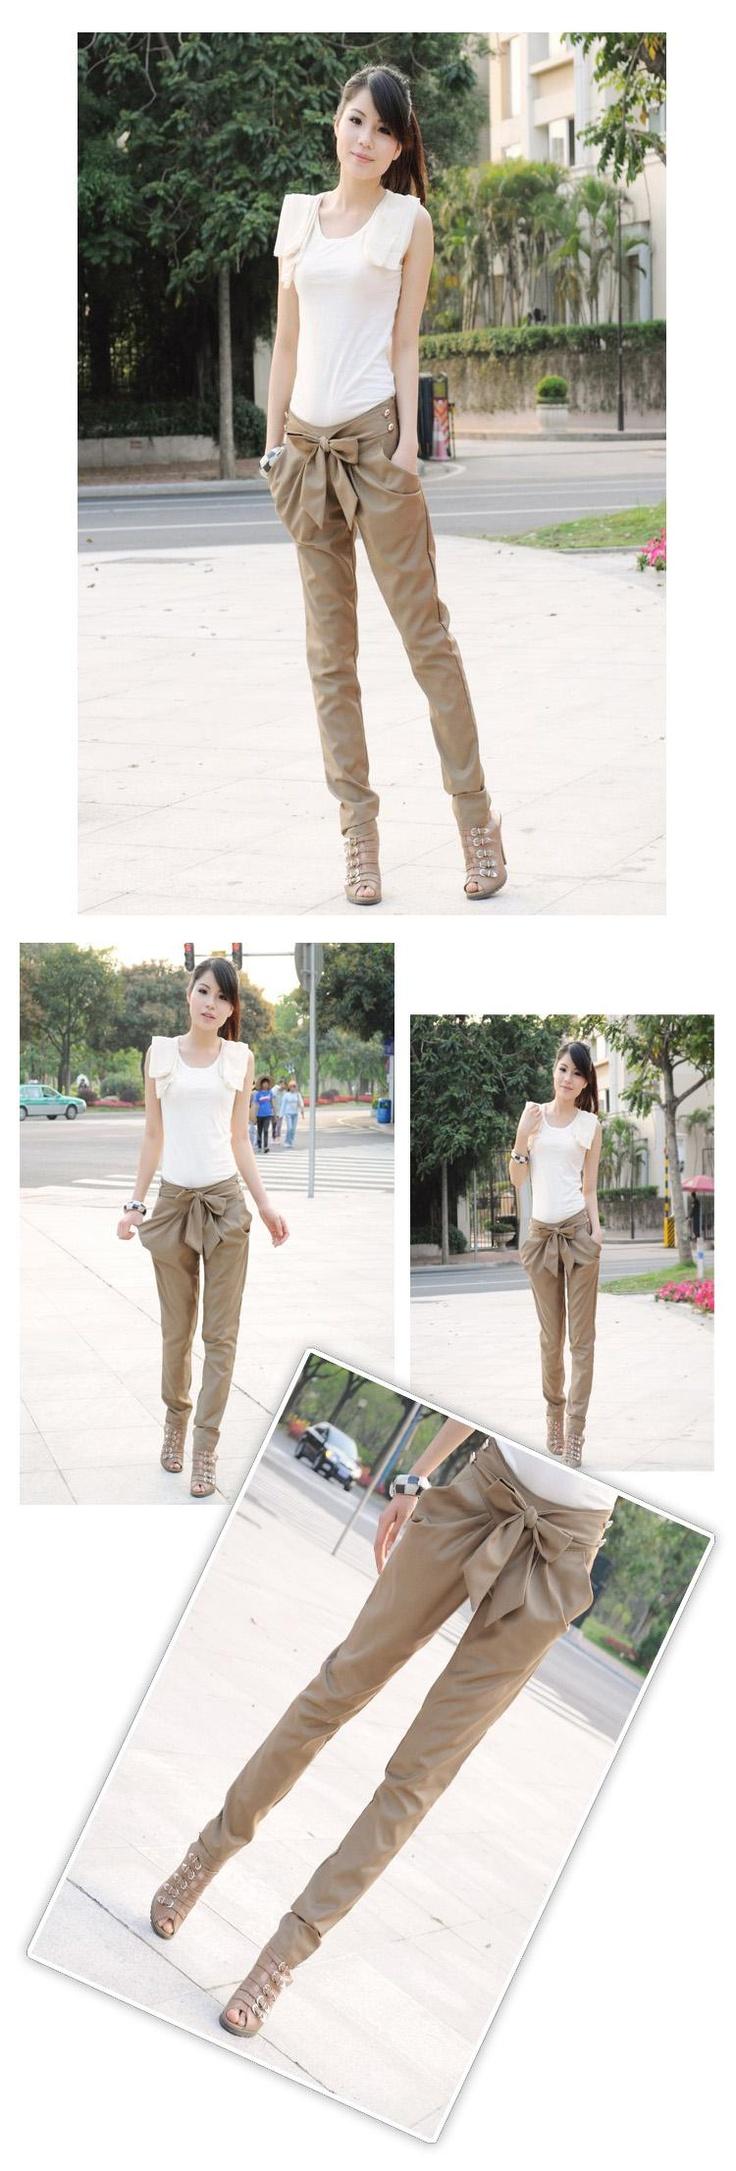 Harem Trousers....damn Asian girls and their cuteness